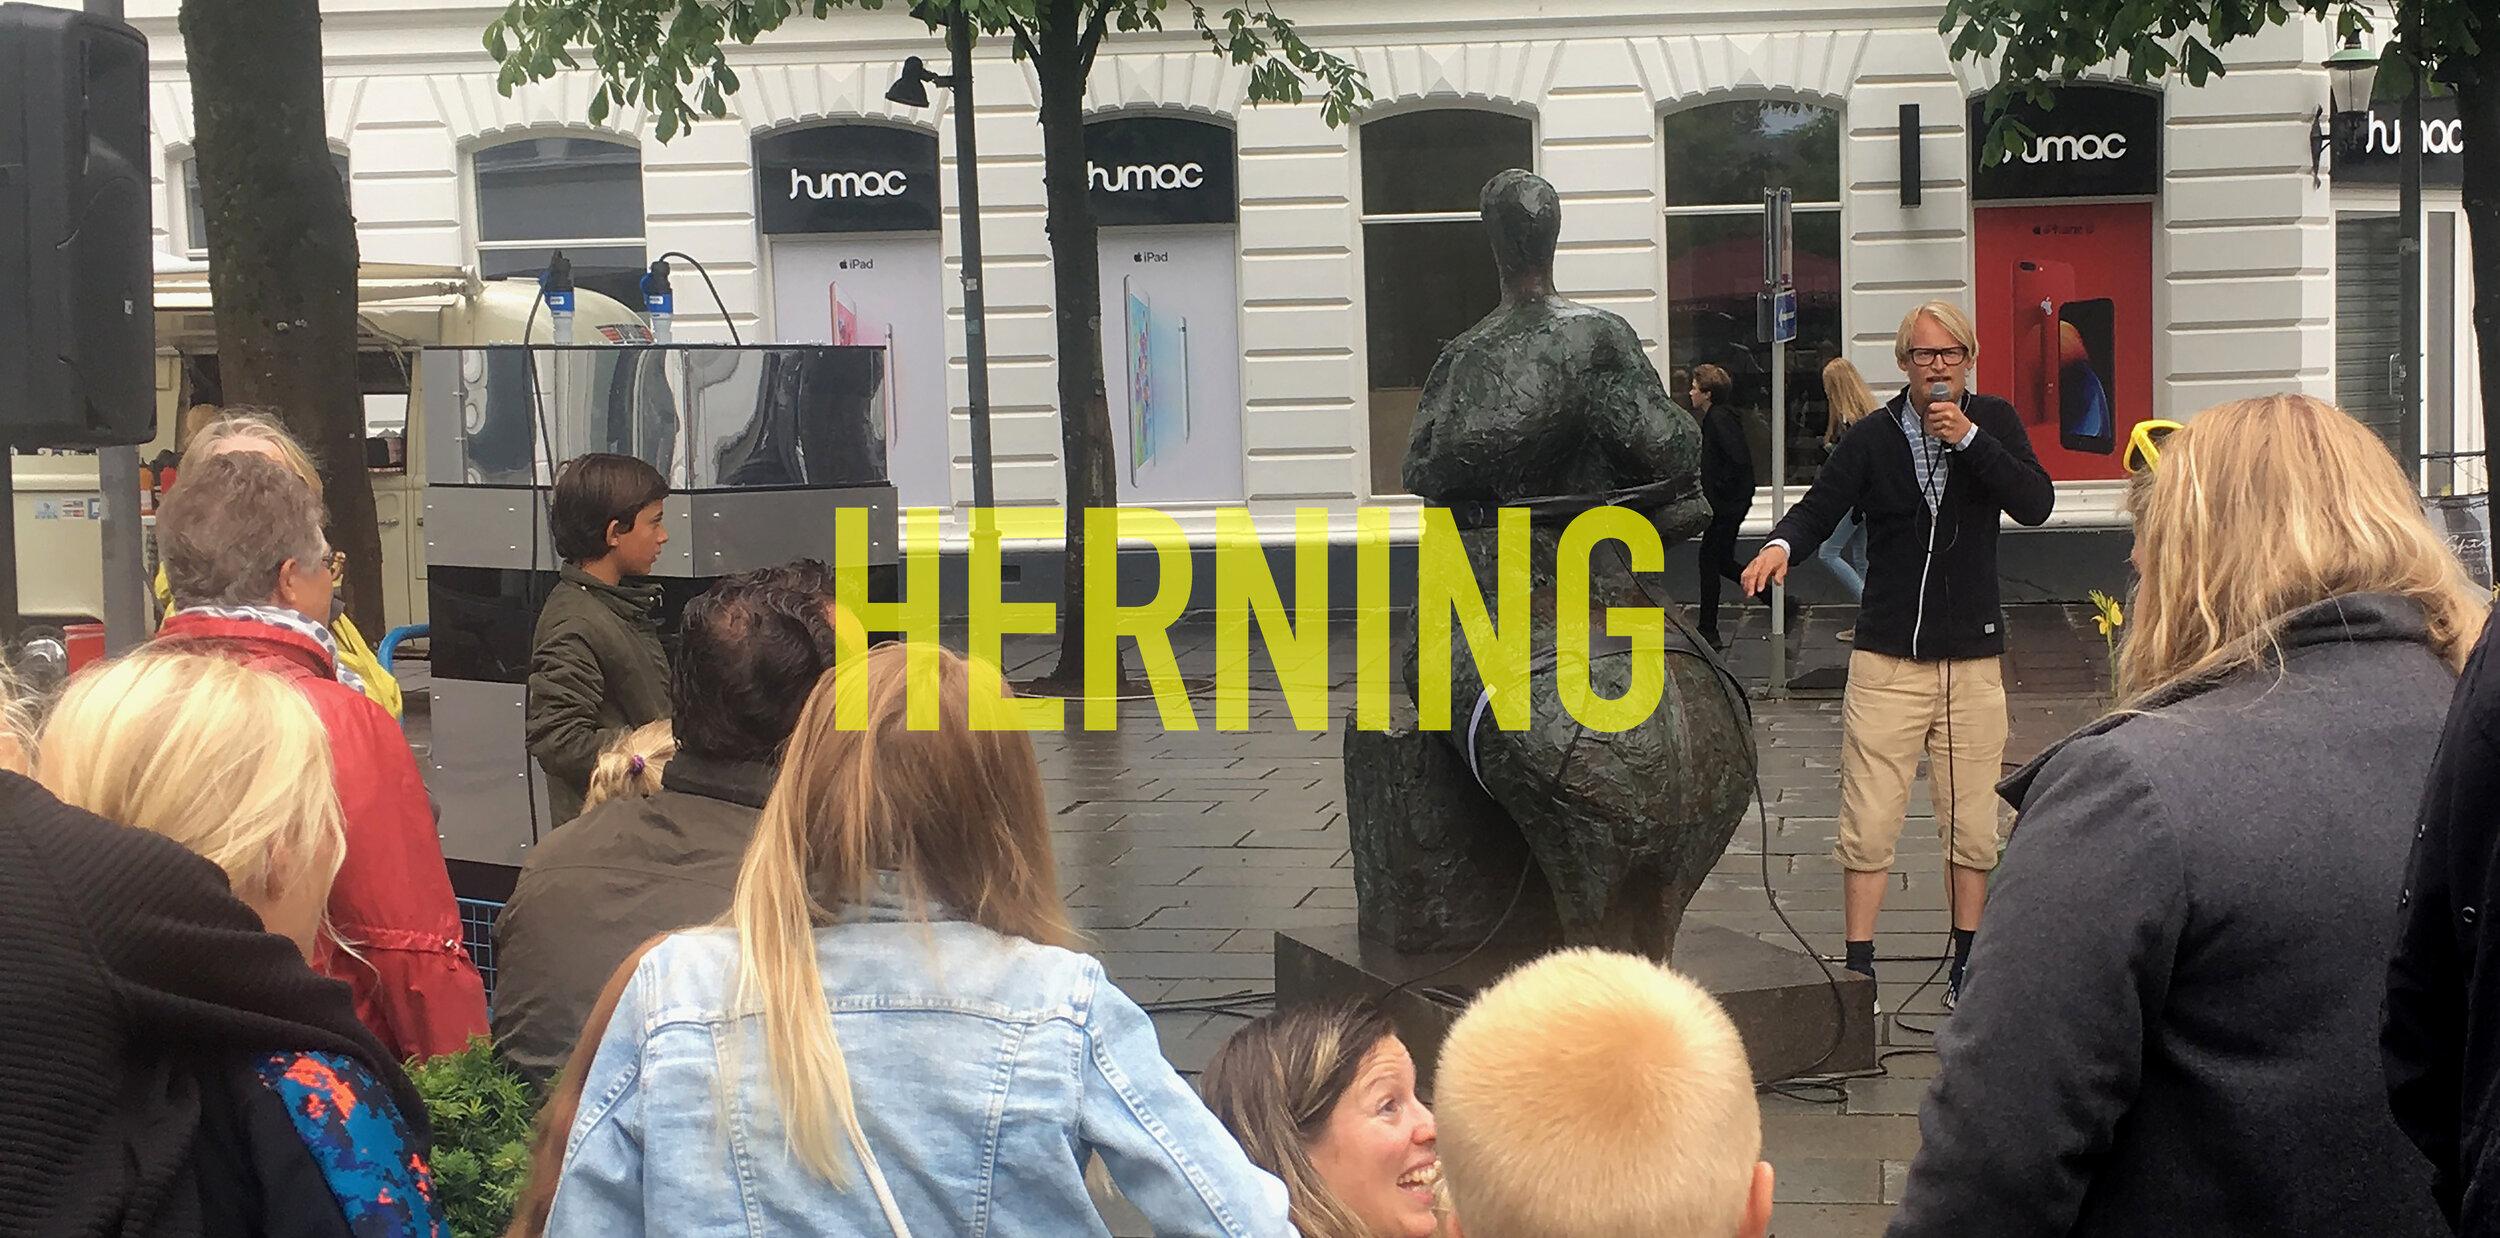 Karusel_Herning.jpg